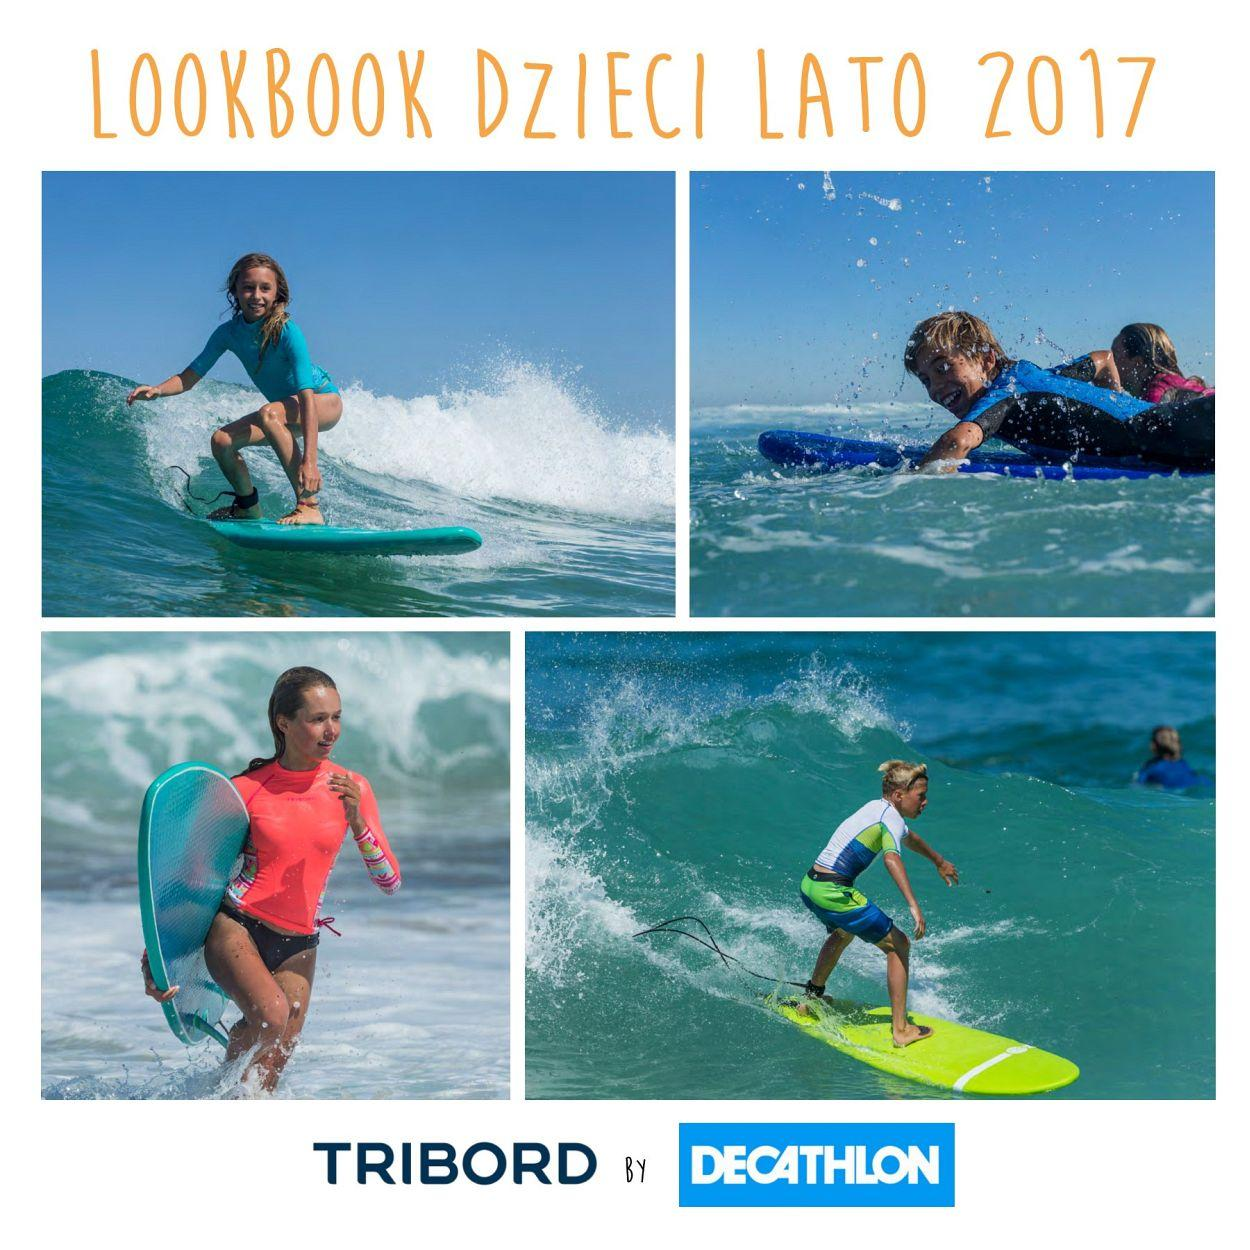 Gazetka promocyjna Decathlon do 31/08/2017 str.1